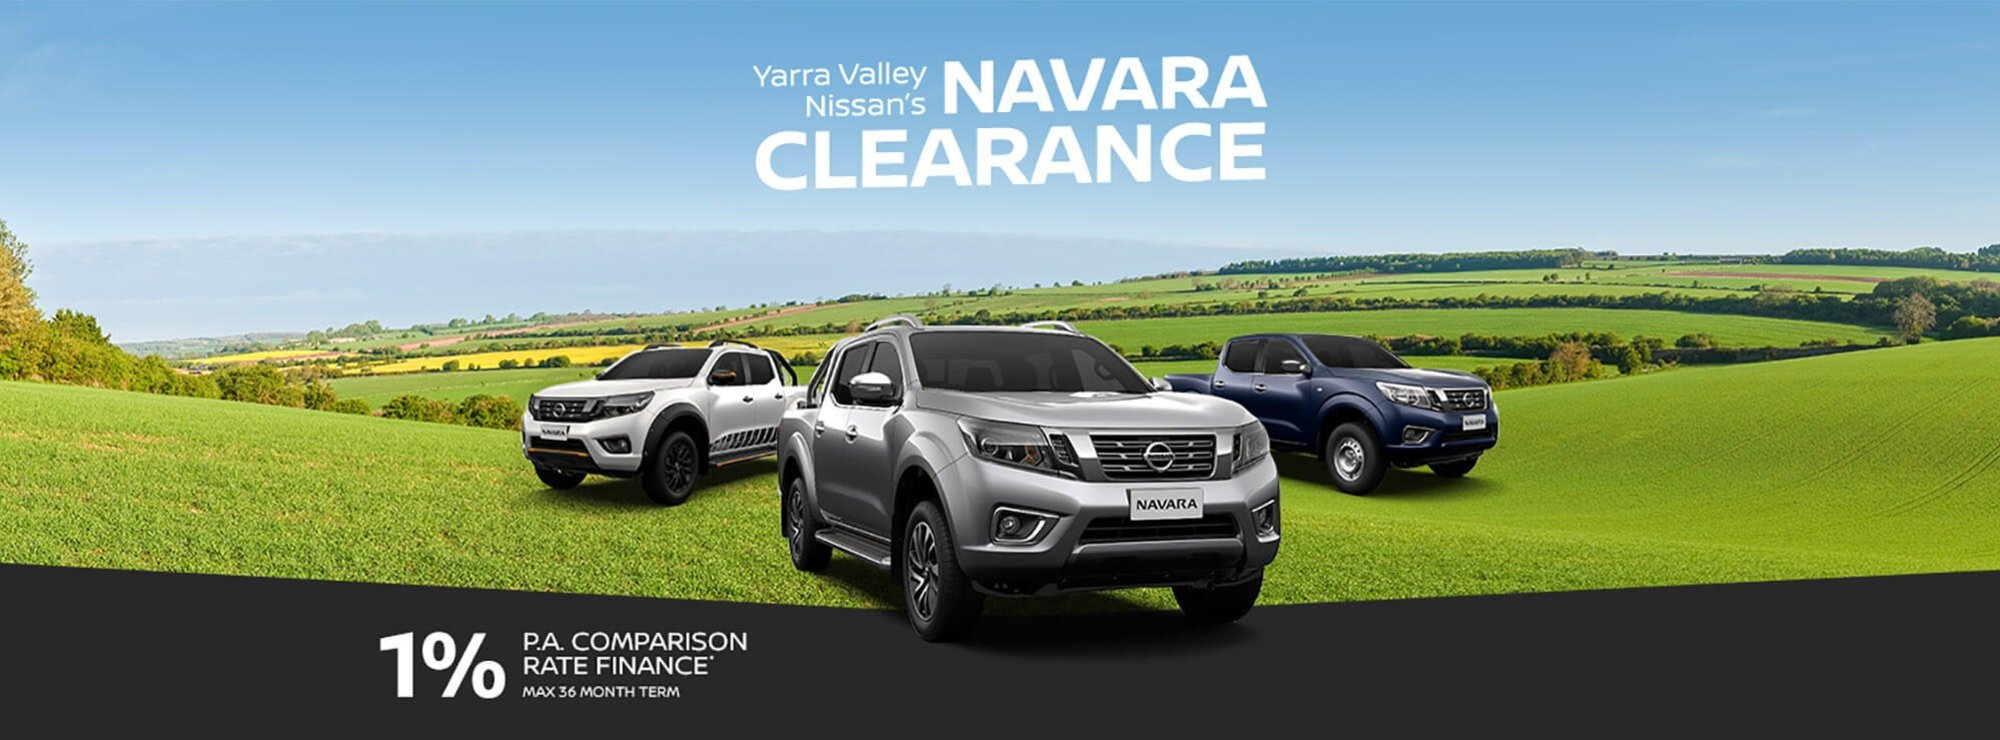 Nissan Navara Clearance